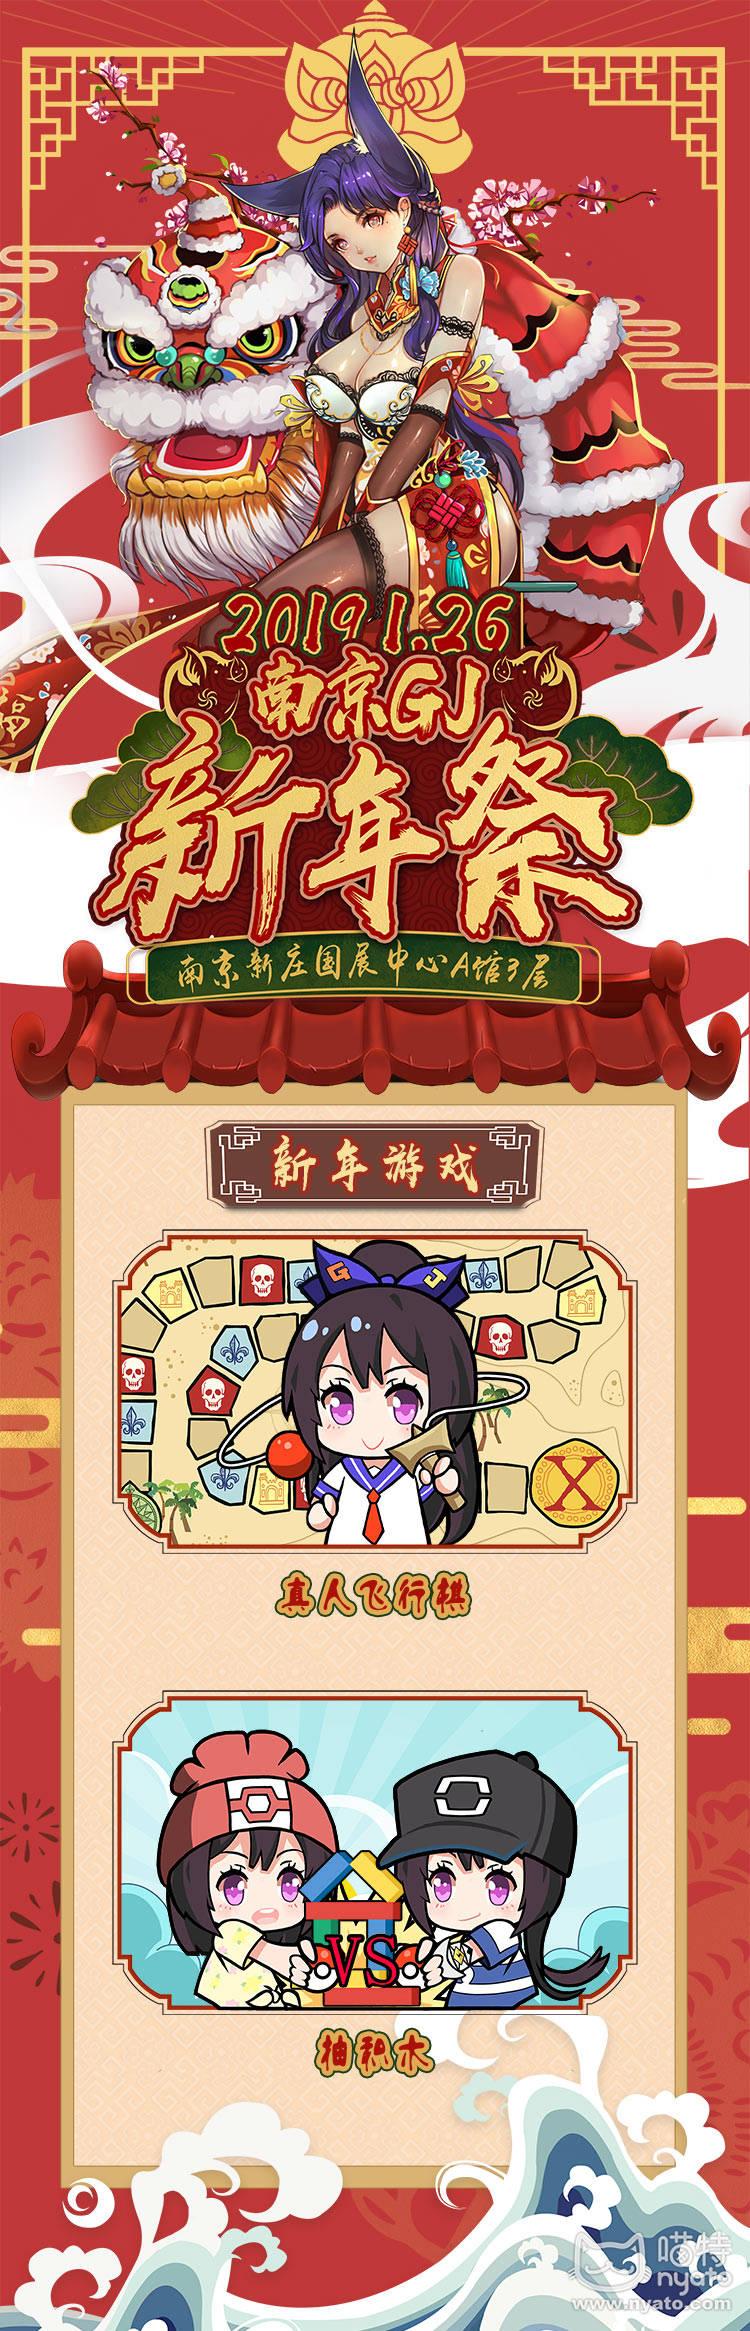 2019年新年祭活动页6-活动.jpg